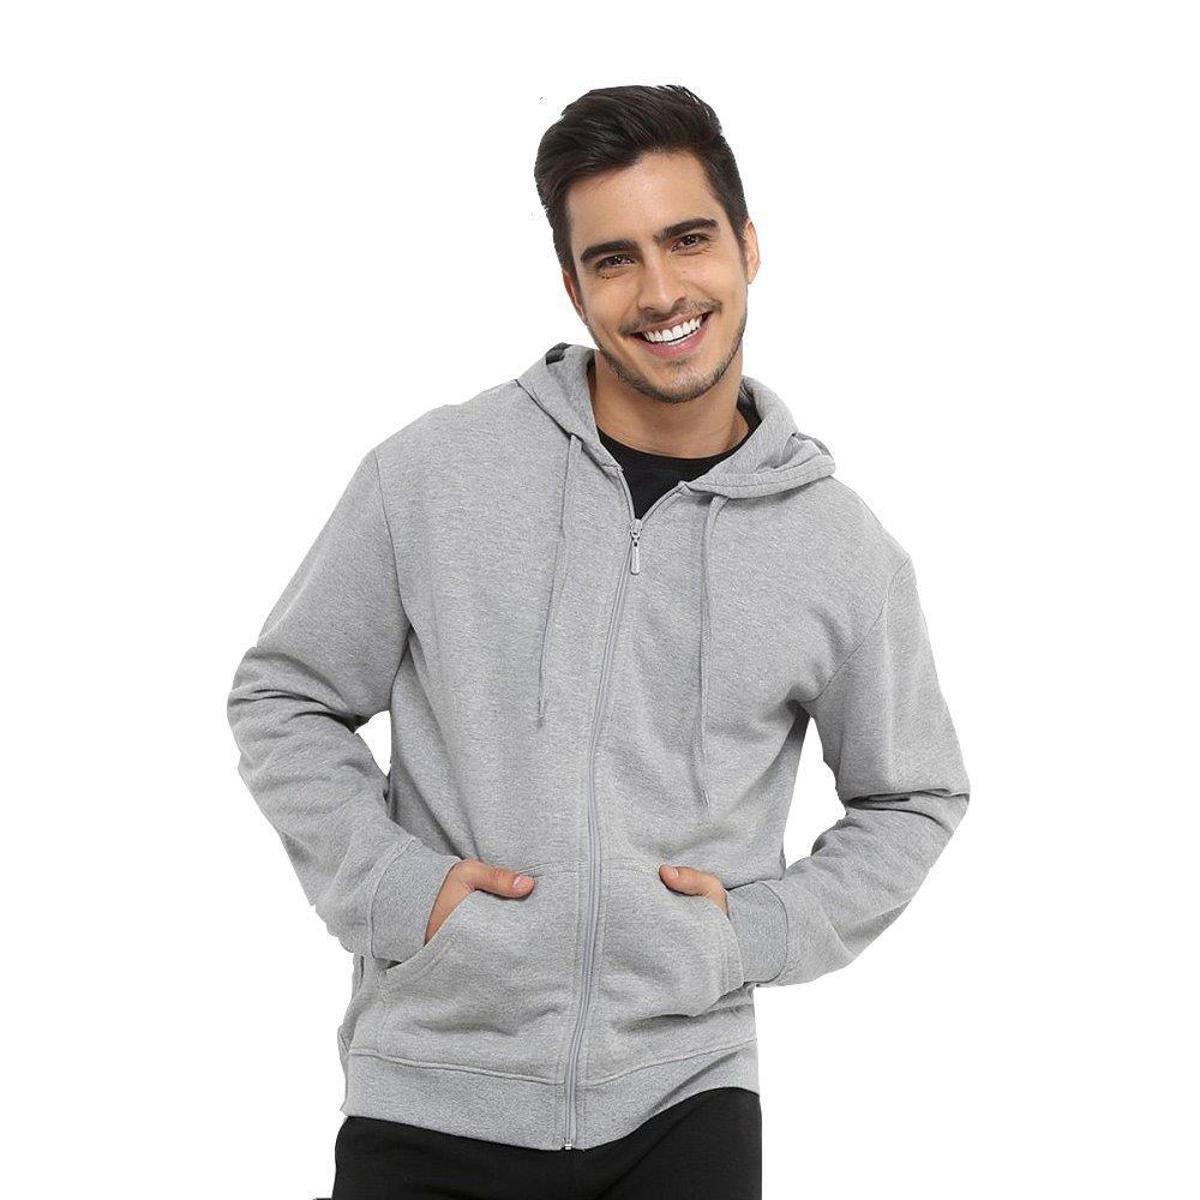 21710e3e7b2b0 Moletom Clik da Moda Zíper Capuz Bolso Masculino - Compre Agora ...